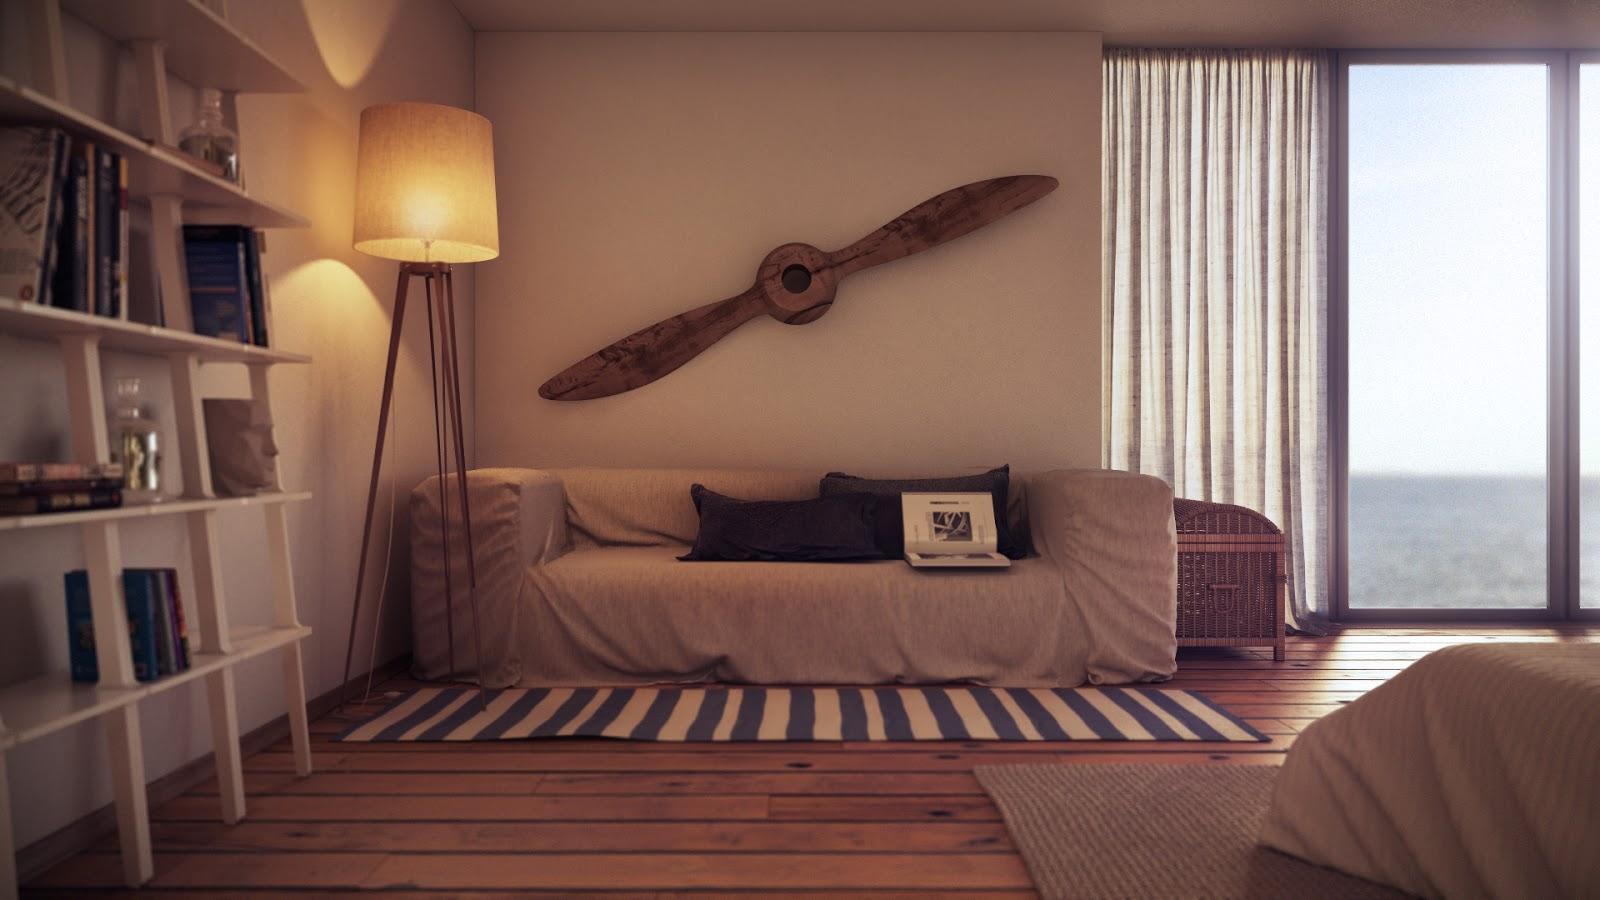 ruang+tamu+rumah+modern Desain Rumah Modern Dari Karya Brilian Arsitektur Uglyanitsa Alexander